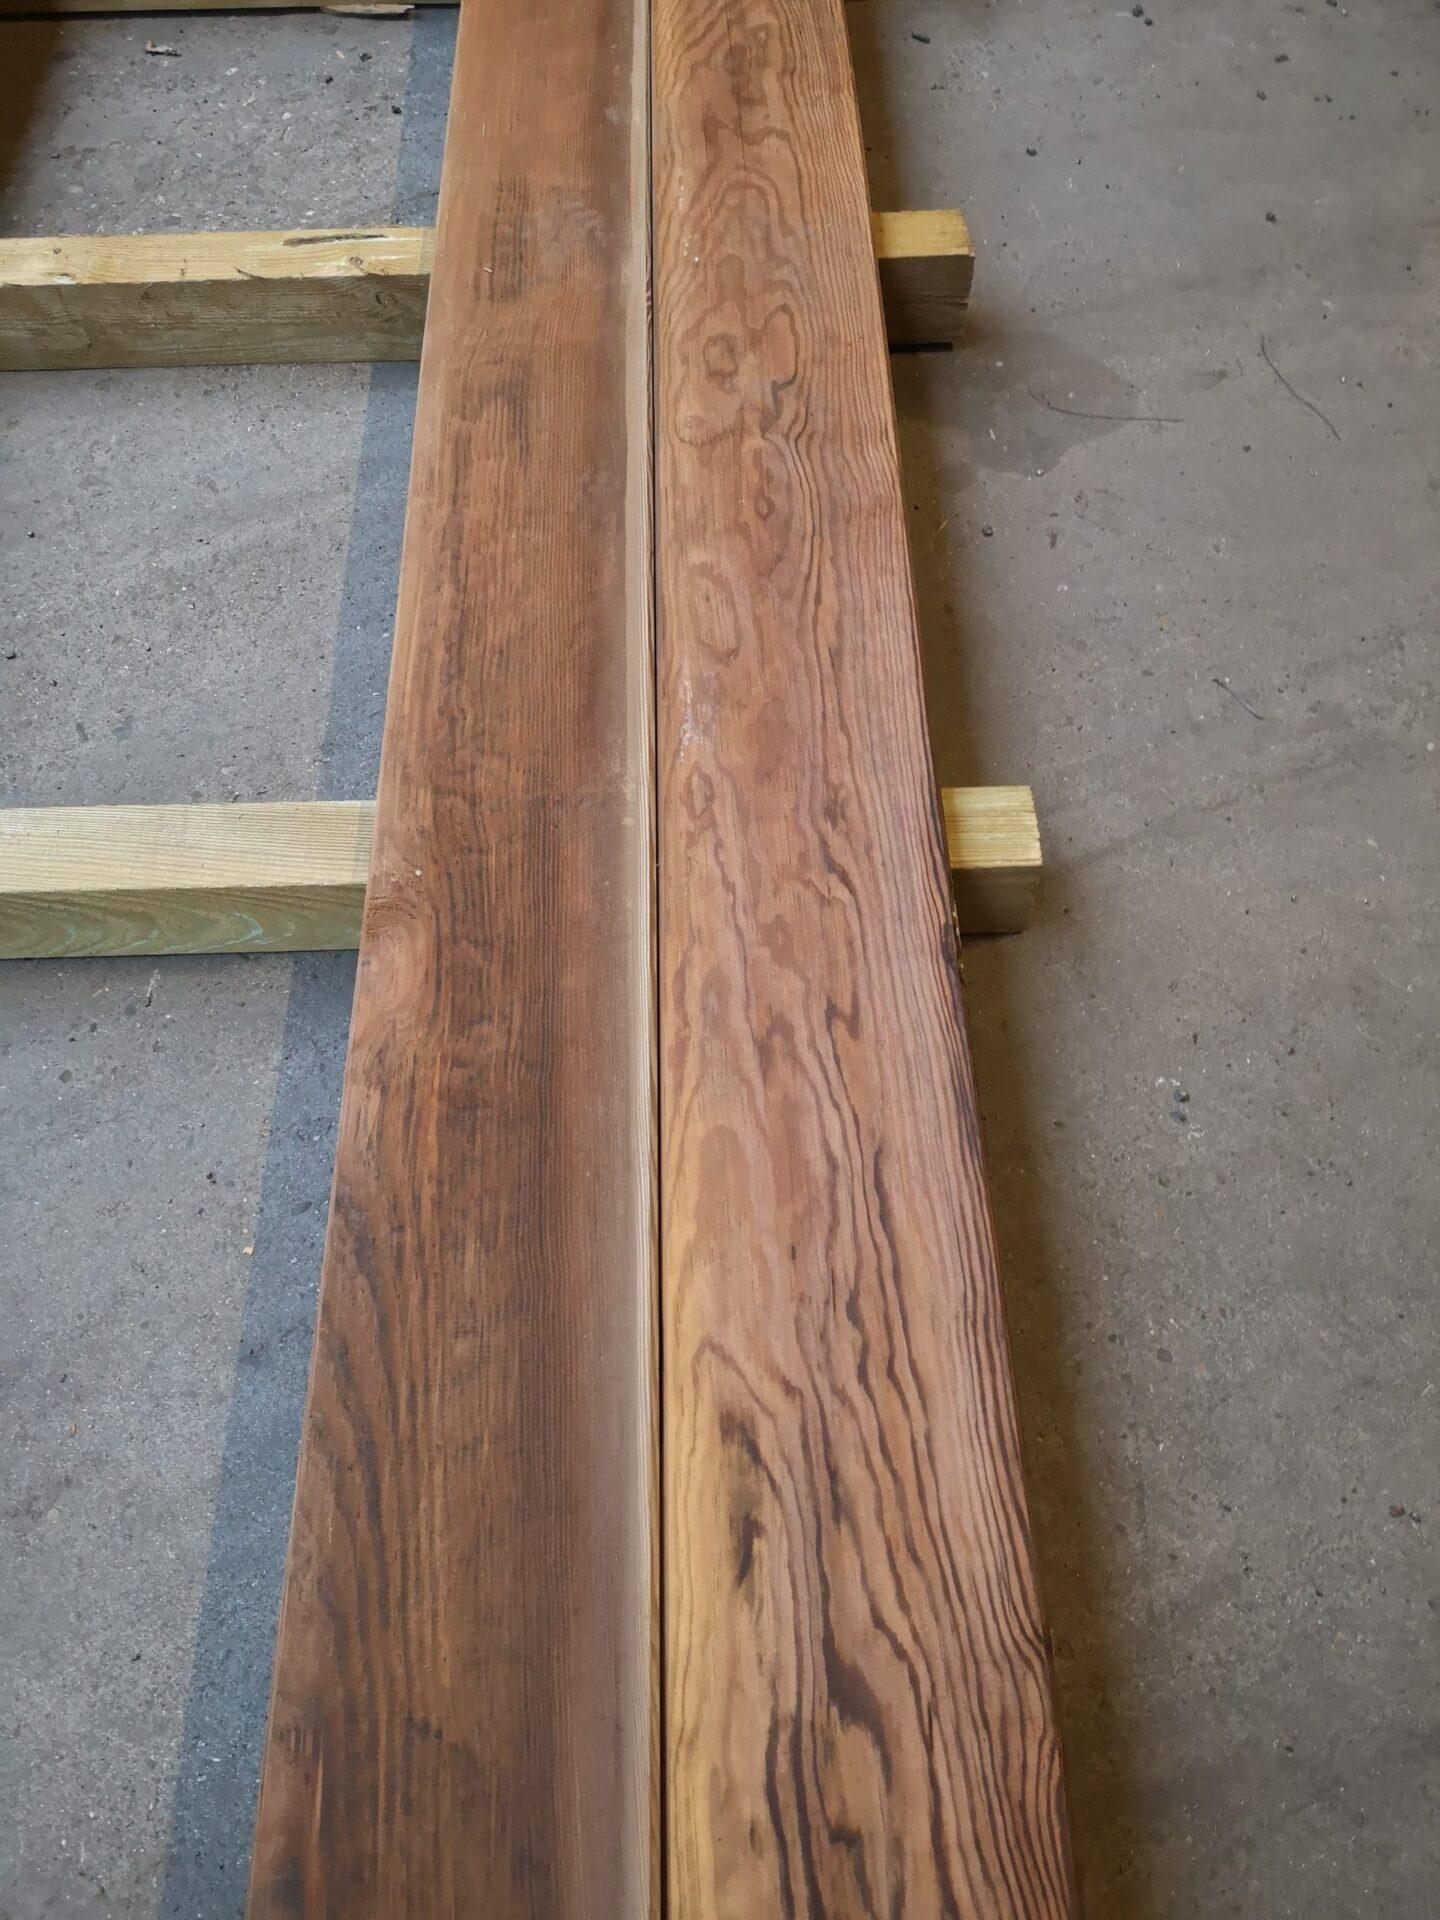 Traitement Terrasse Pin Autoclave lames de terrasse l.250 x l.165 cm x ep.28 mm lisses en bois